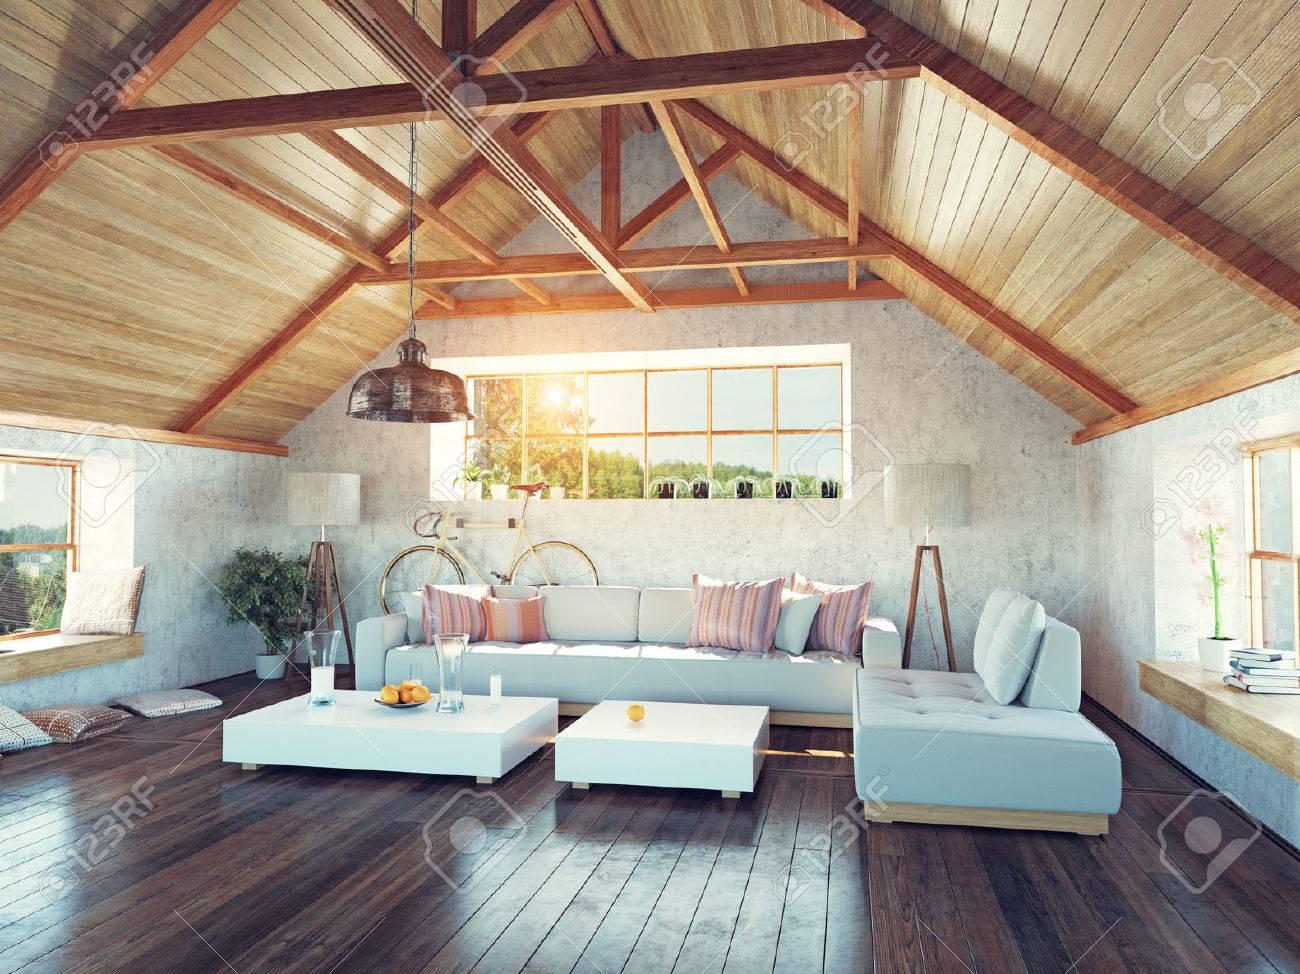 Beeindruckend Dachboden Sammlung Von Schöne Moderne Innenraum. 3d-design-konzept. Standard-bild - 35926570